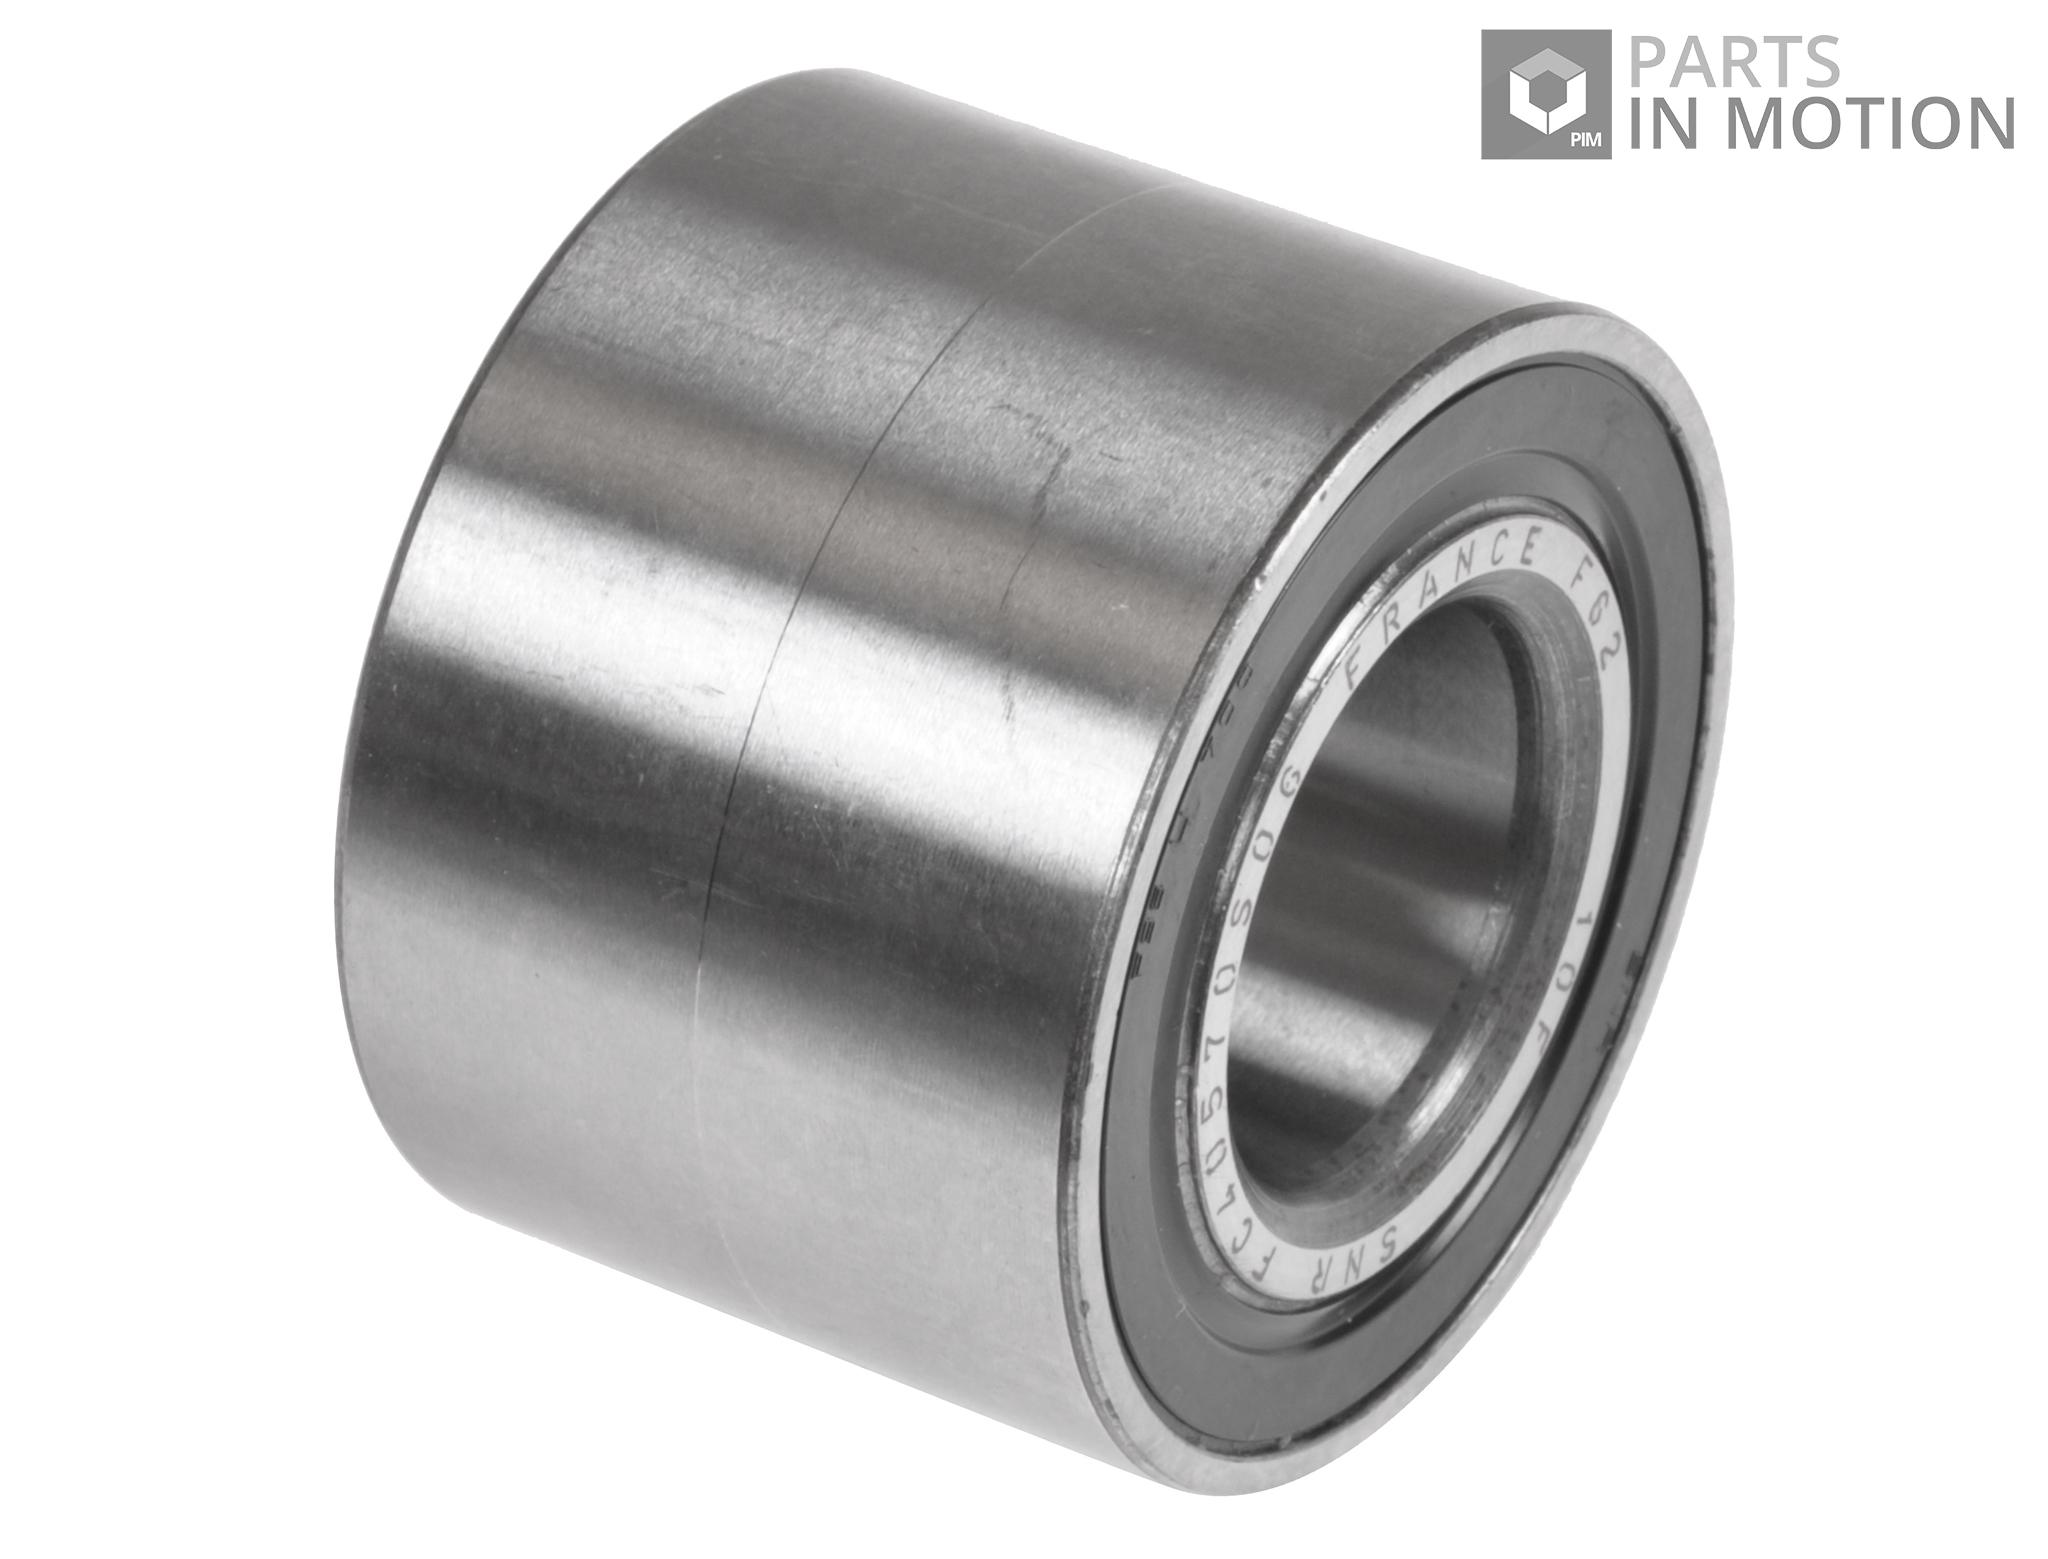 RENAULT-CLIO-Mk4-0-9-Wheel-Bearing-Kit-Rear-2012-on-ADL-6001550814-7701205812 thumbnail 2